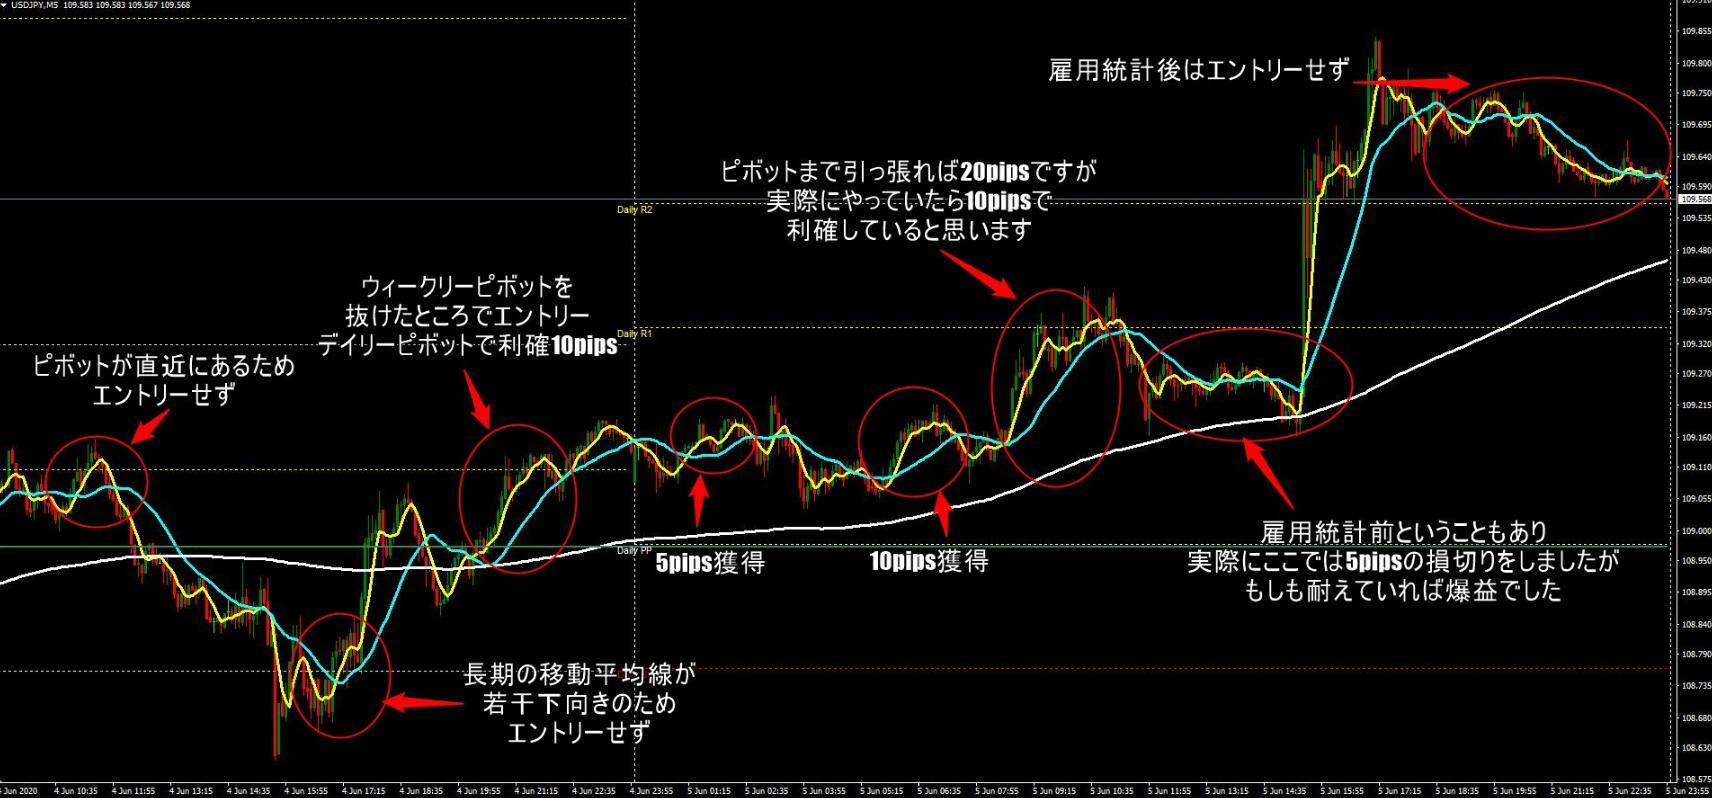 ドル円スキャルピング結果